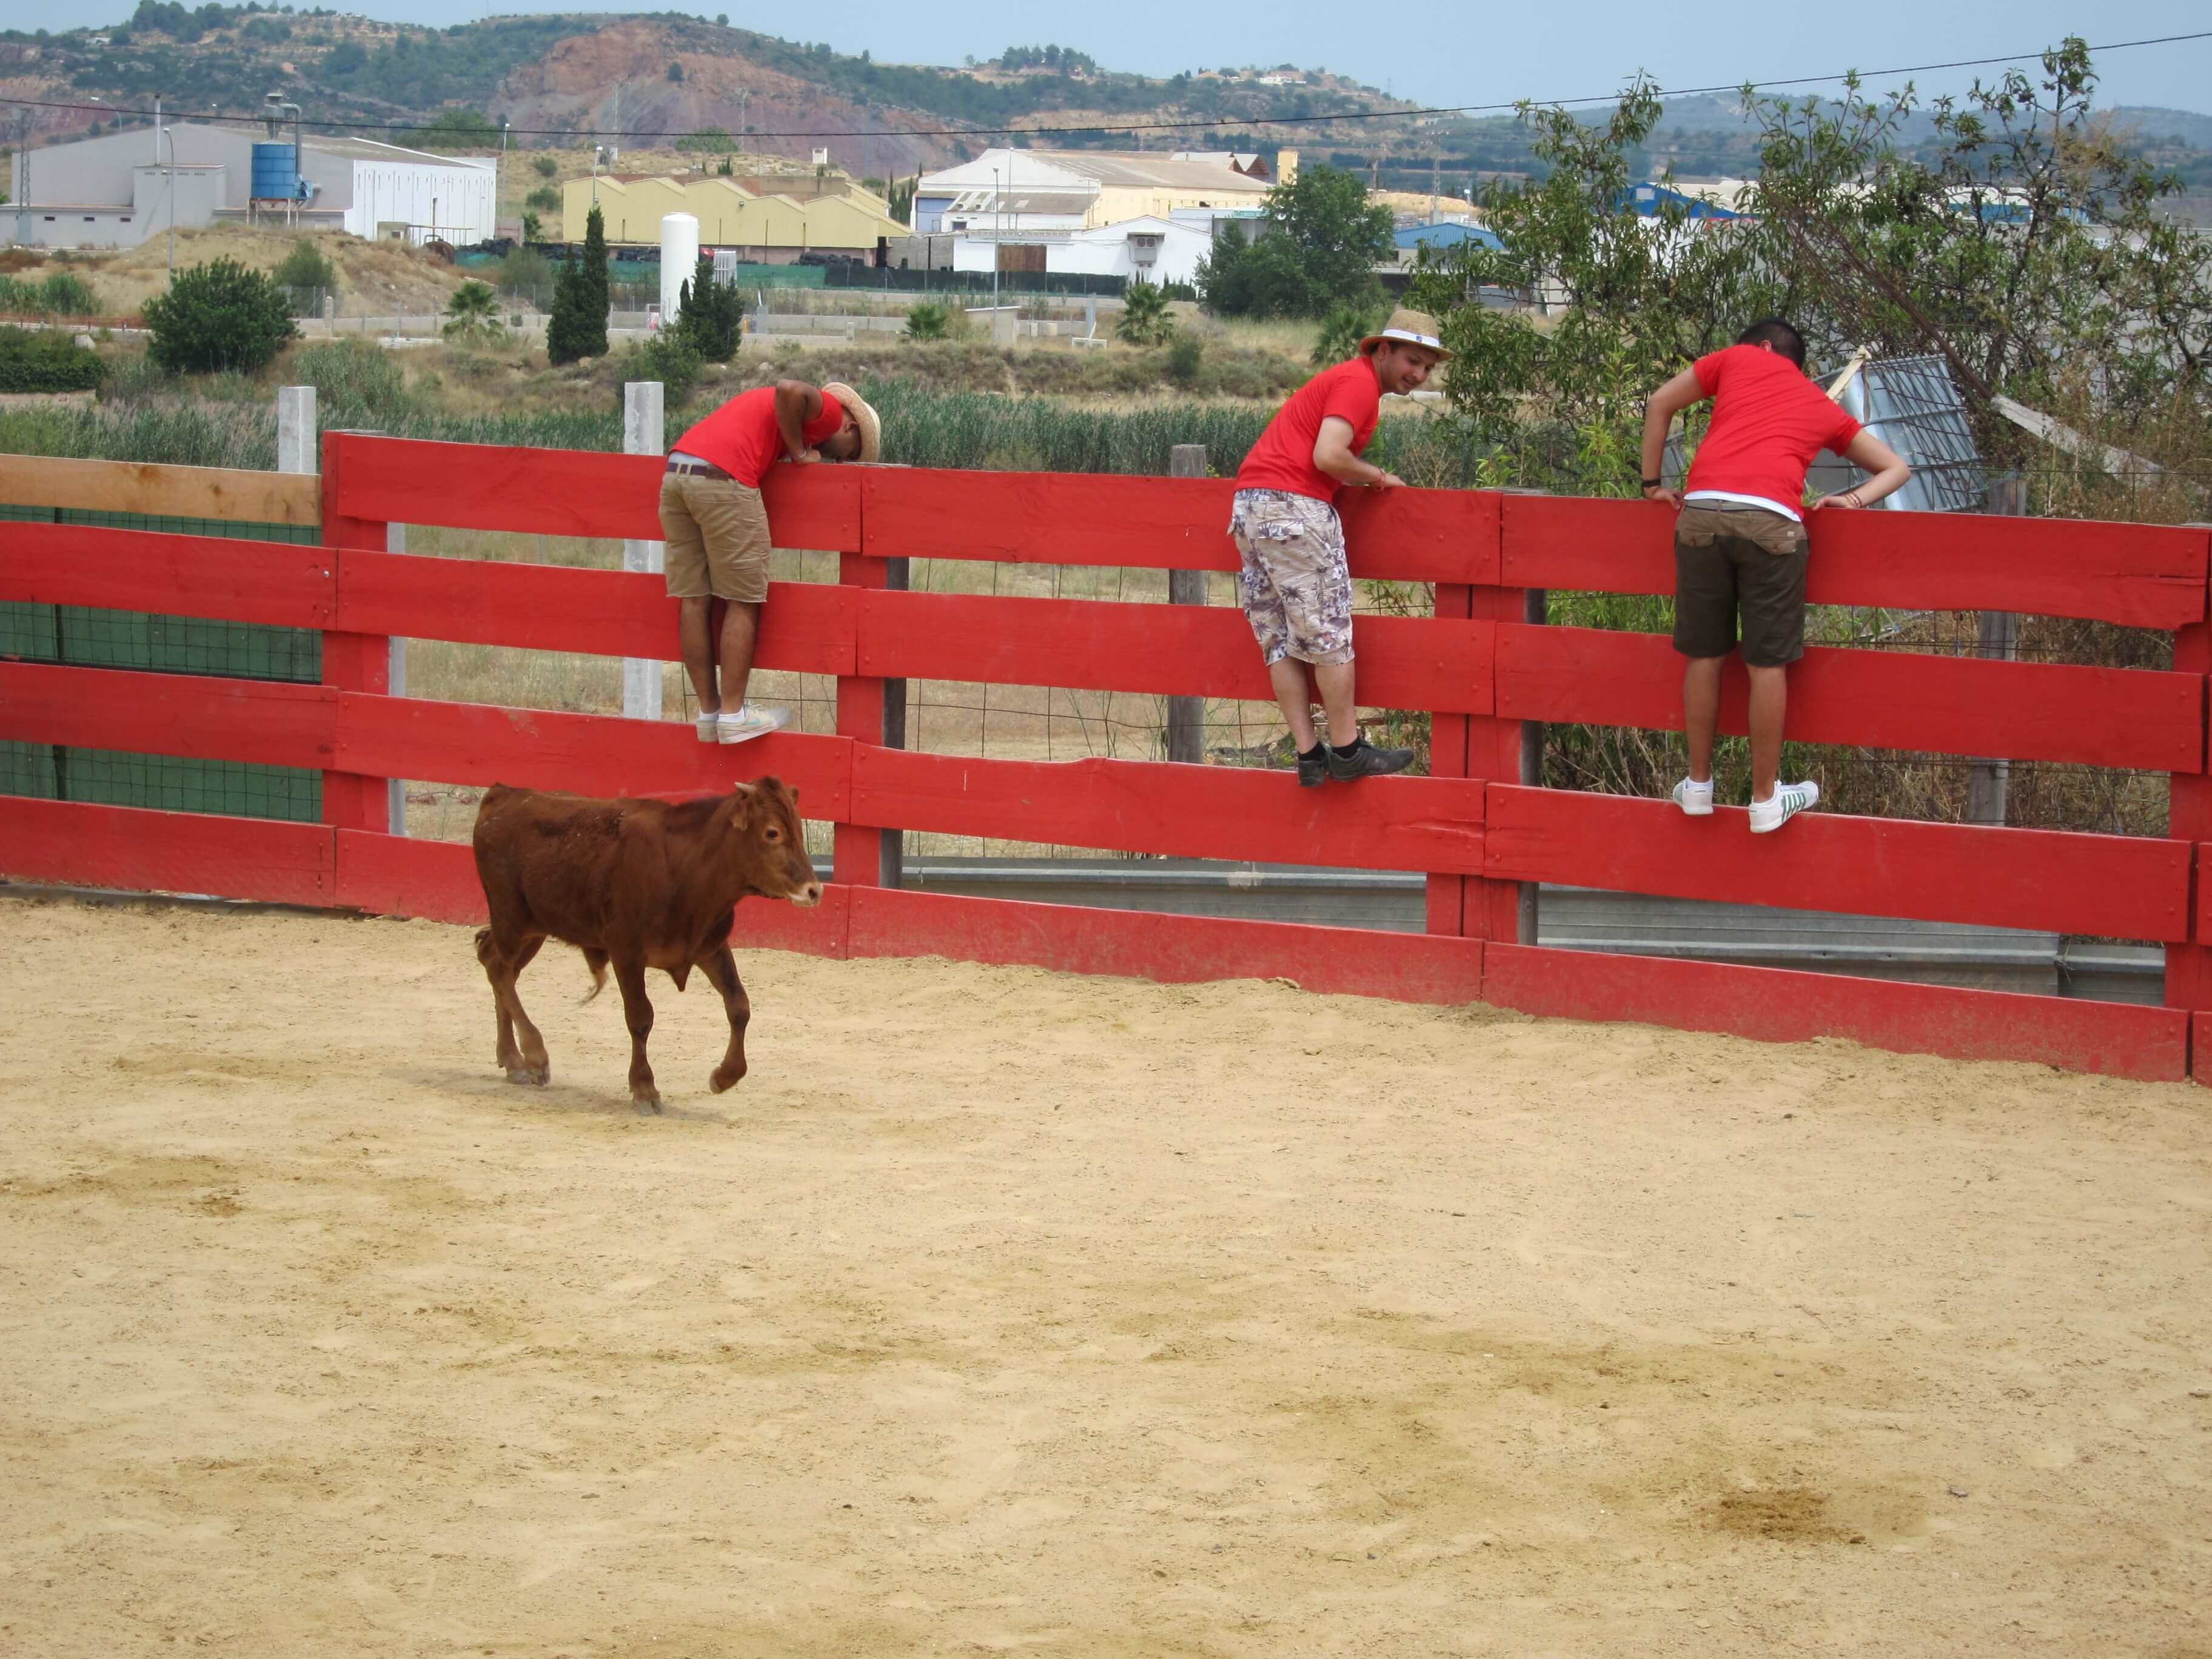 Marbella Baby Bull Running